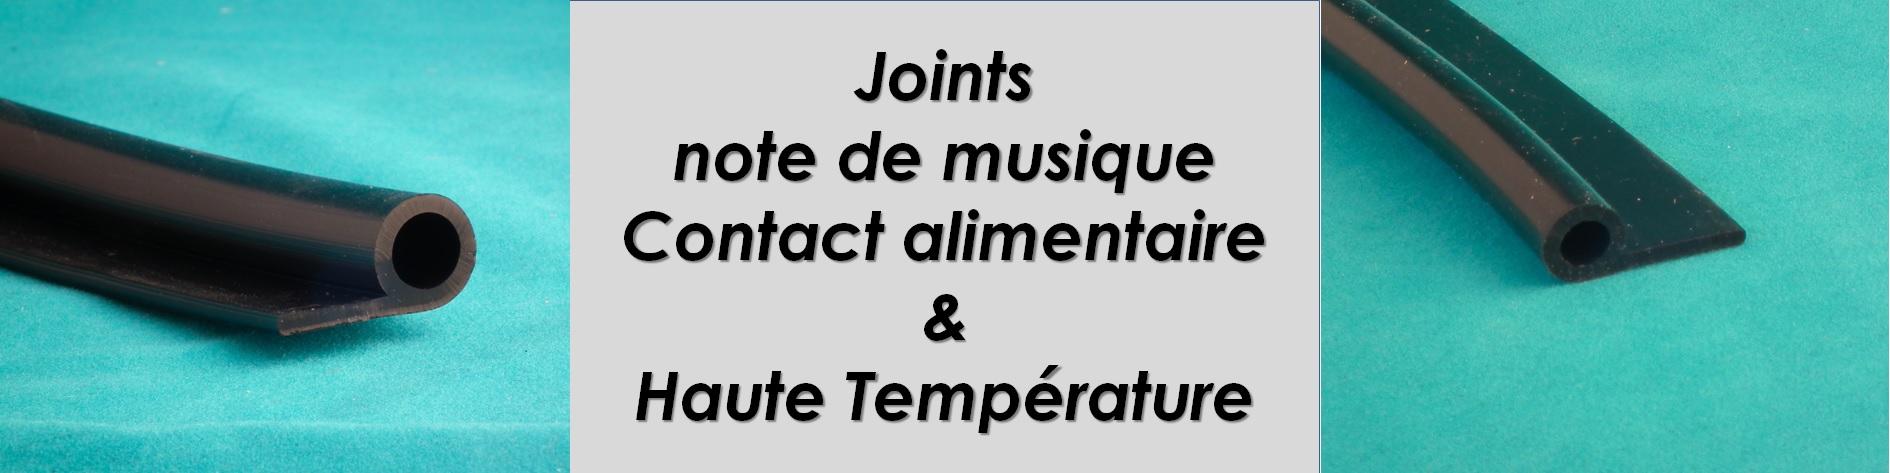 Joints note de musique, jusqu'a 210°C